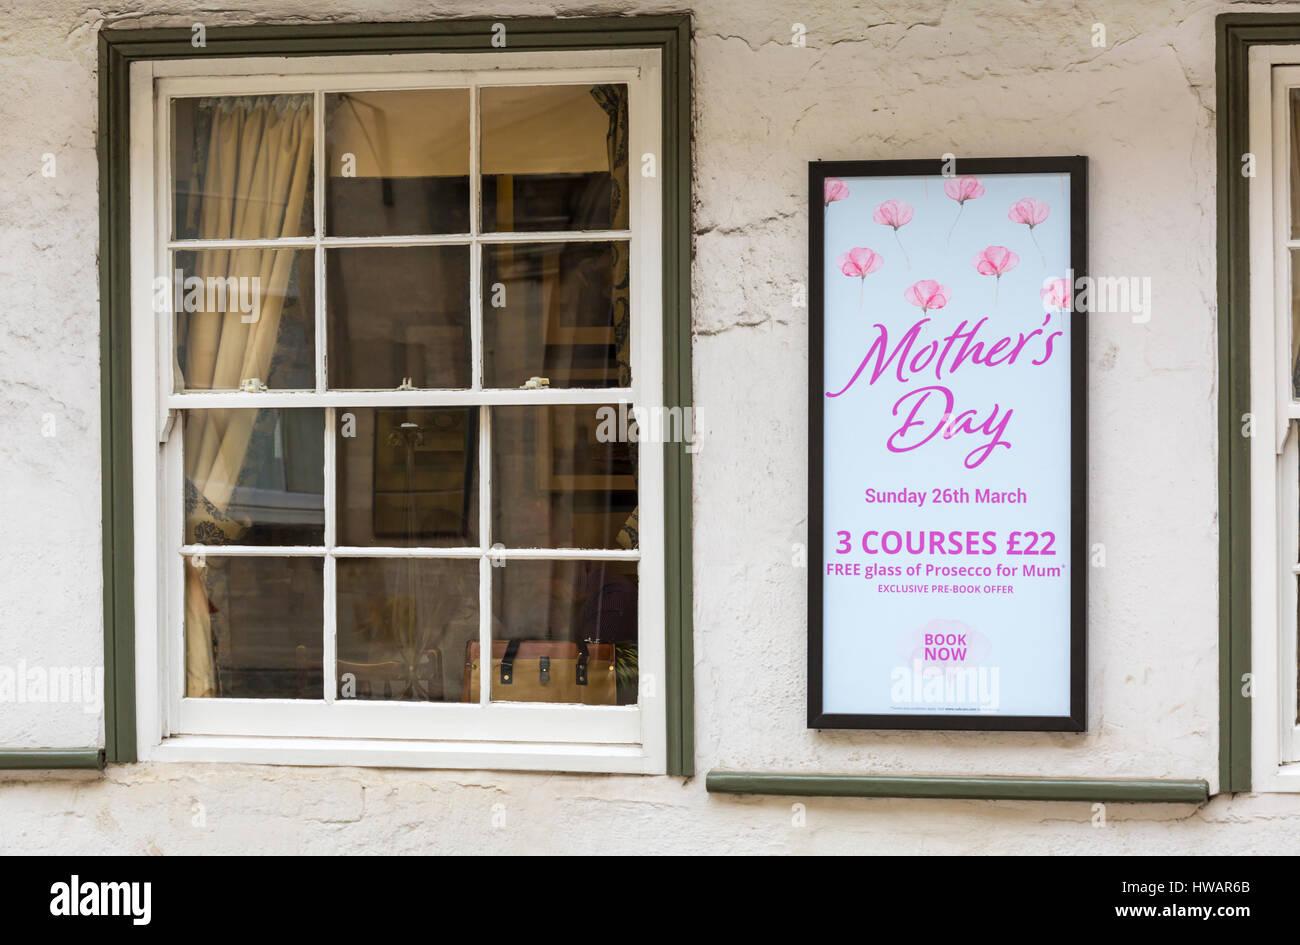 Comida el día de las madres el domingo 26 de marzo incluye copa de Prosecco para mamá - firmar en el muro Imagen De Stock